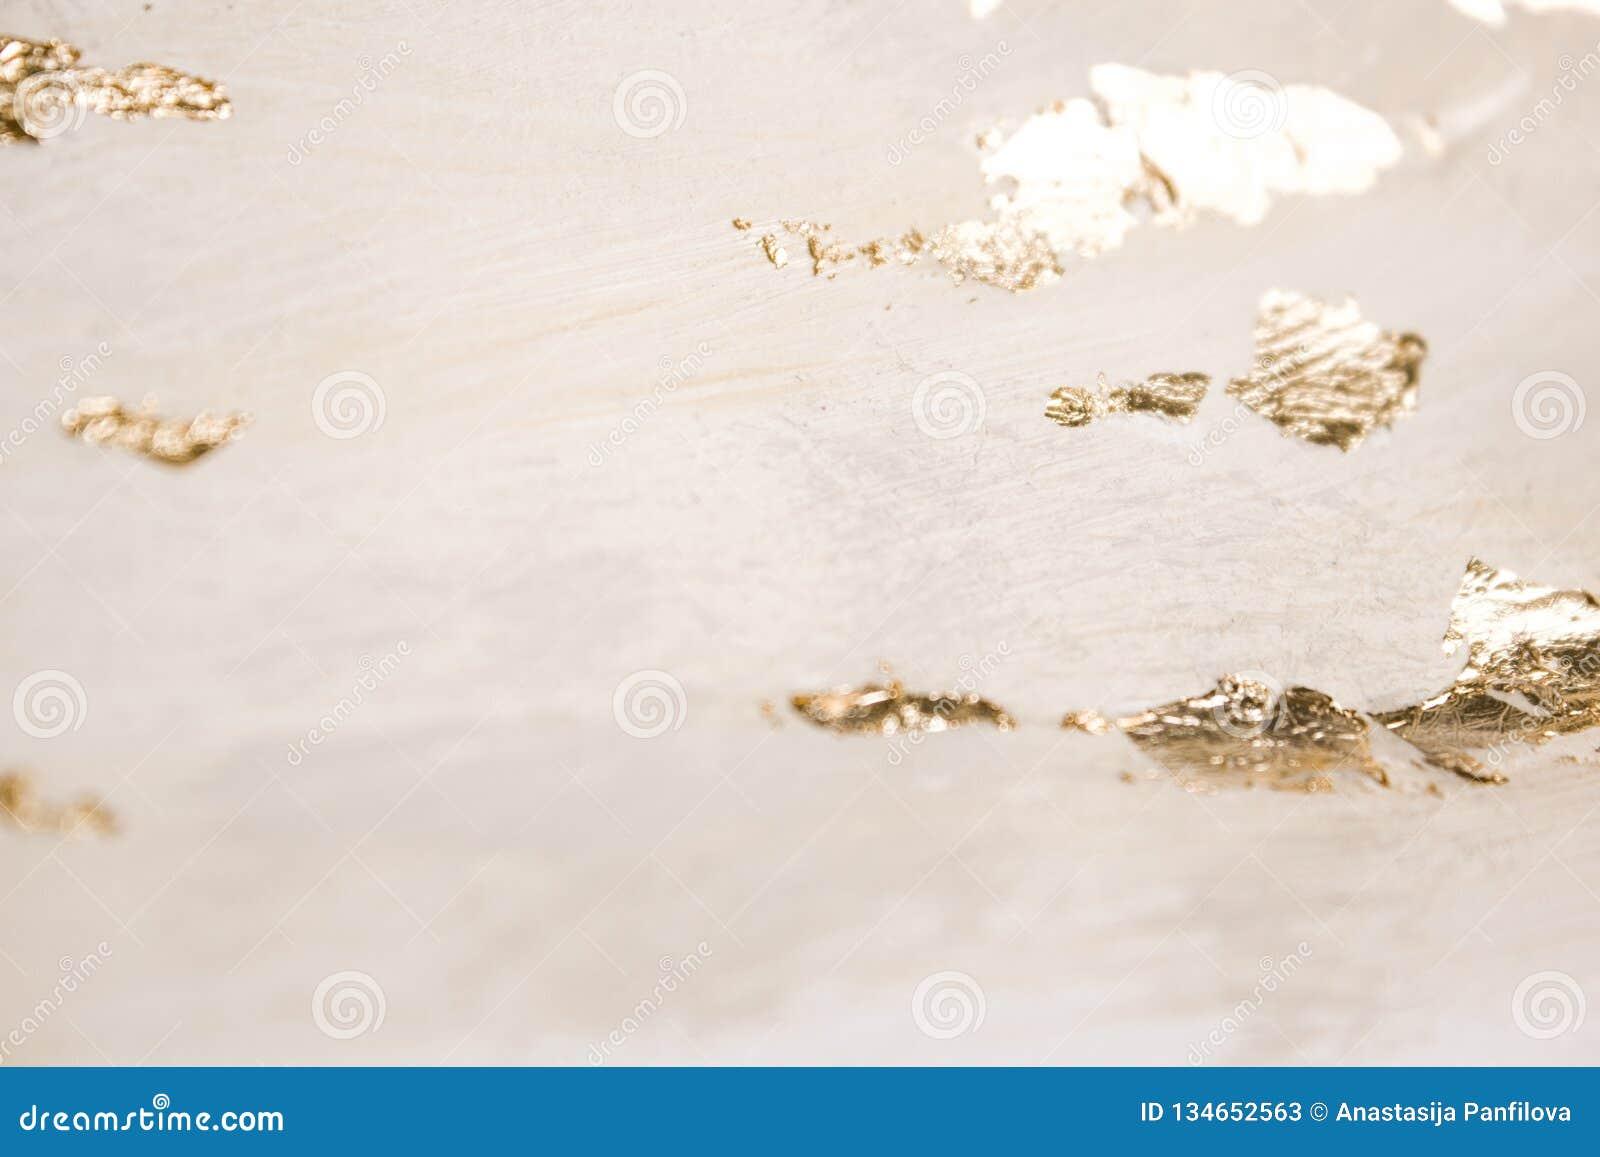 Christmas Festive Background Stock Image Image Of Luxury